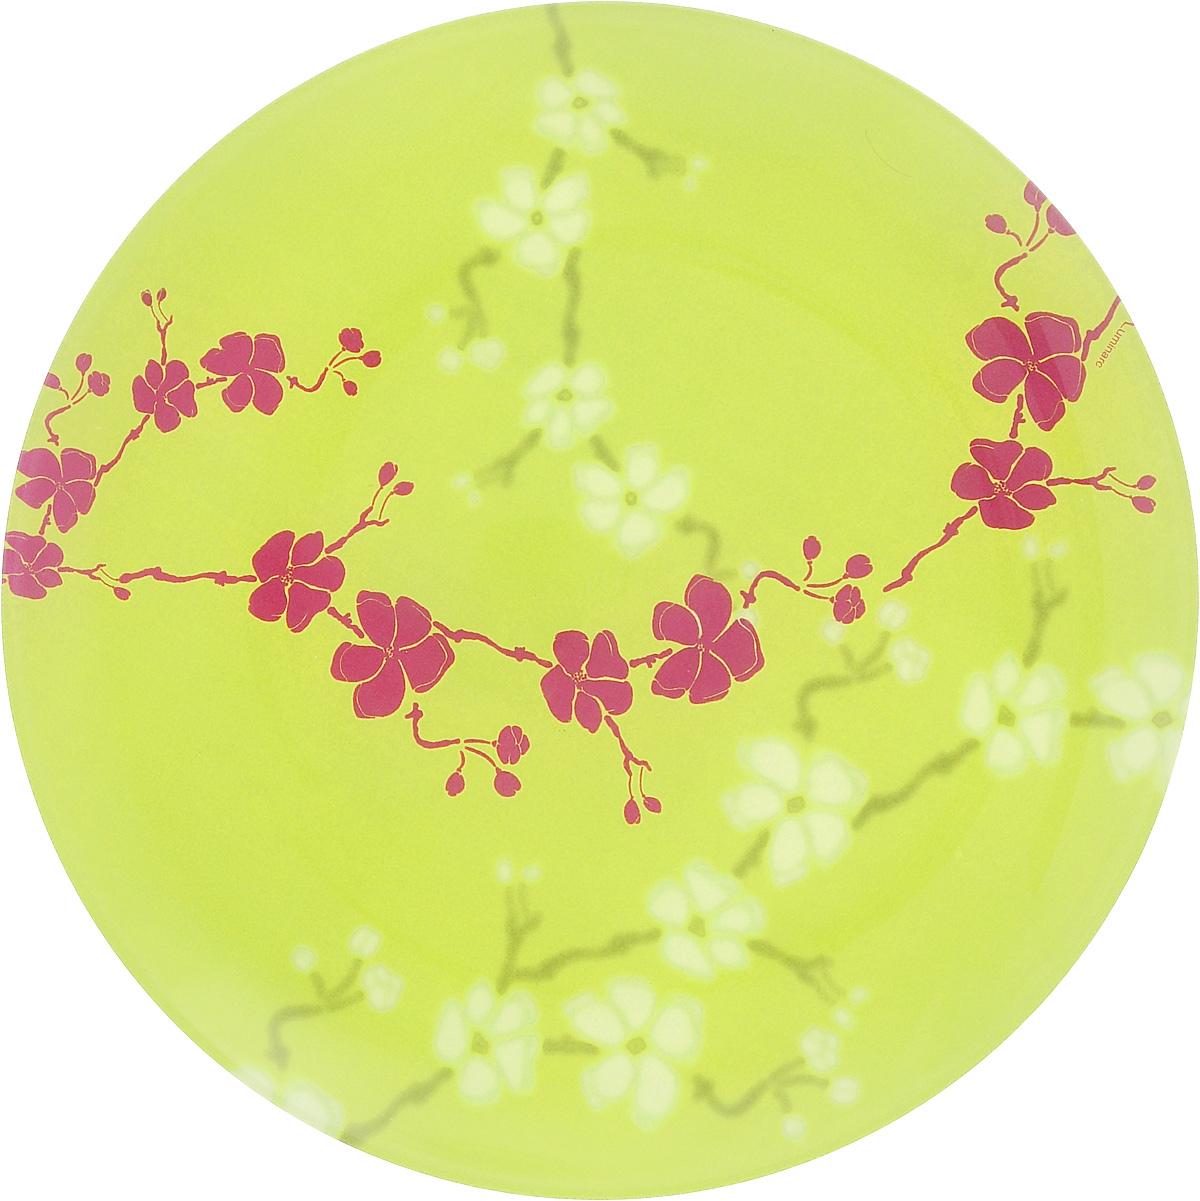 Тарелка десертная Luminarc Kashima Green, 20,5 смJ4652Десертная тарелка Luminarc Kashima Green, изготовленная из ударопрочного стекла, имеет изысканный внешний вид. Такая тарелка прекрасно подходит как для торжественных случаев, так и для повседневного использования. Идеальна для подачи десертов, пирожных, тортов и многого другого. Она прекрасно оформит стол и станет отличным дополнением к вашей коллекции кухонной посуды. Диаметр тарелки (по верхнему краю): 20,5 см.